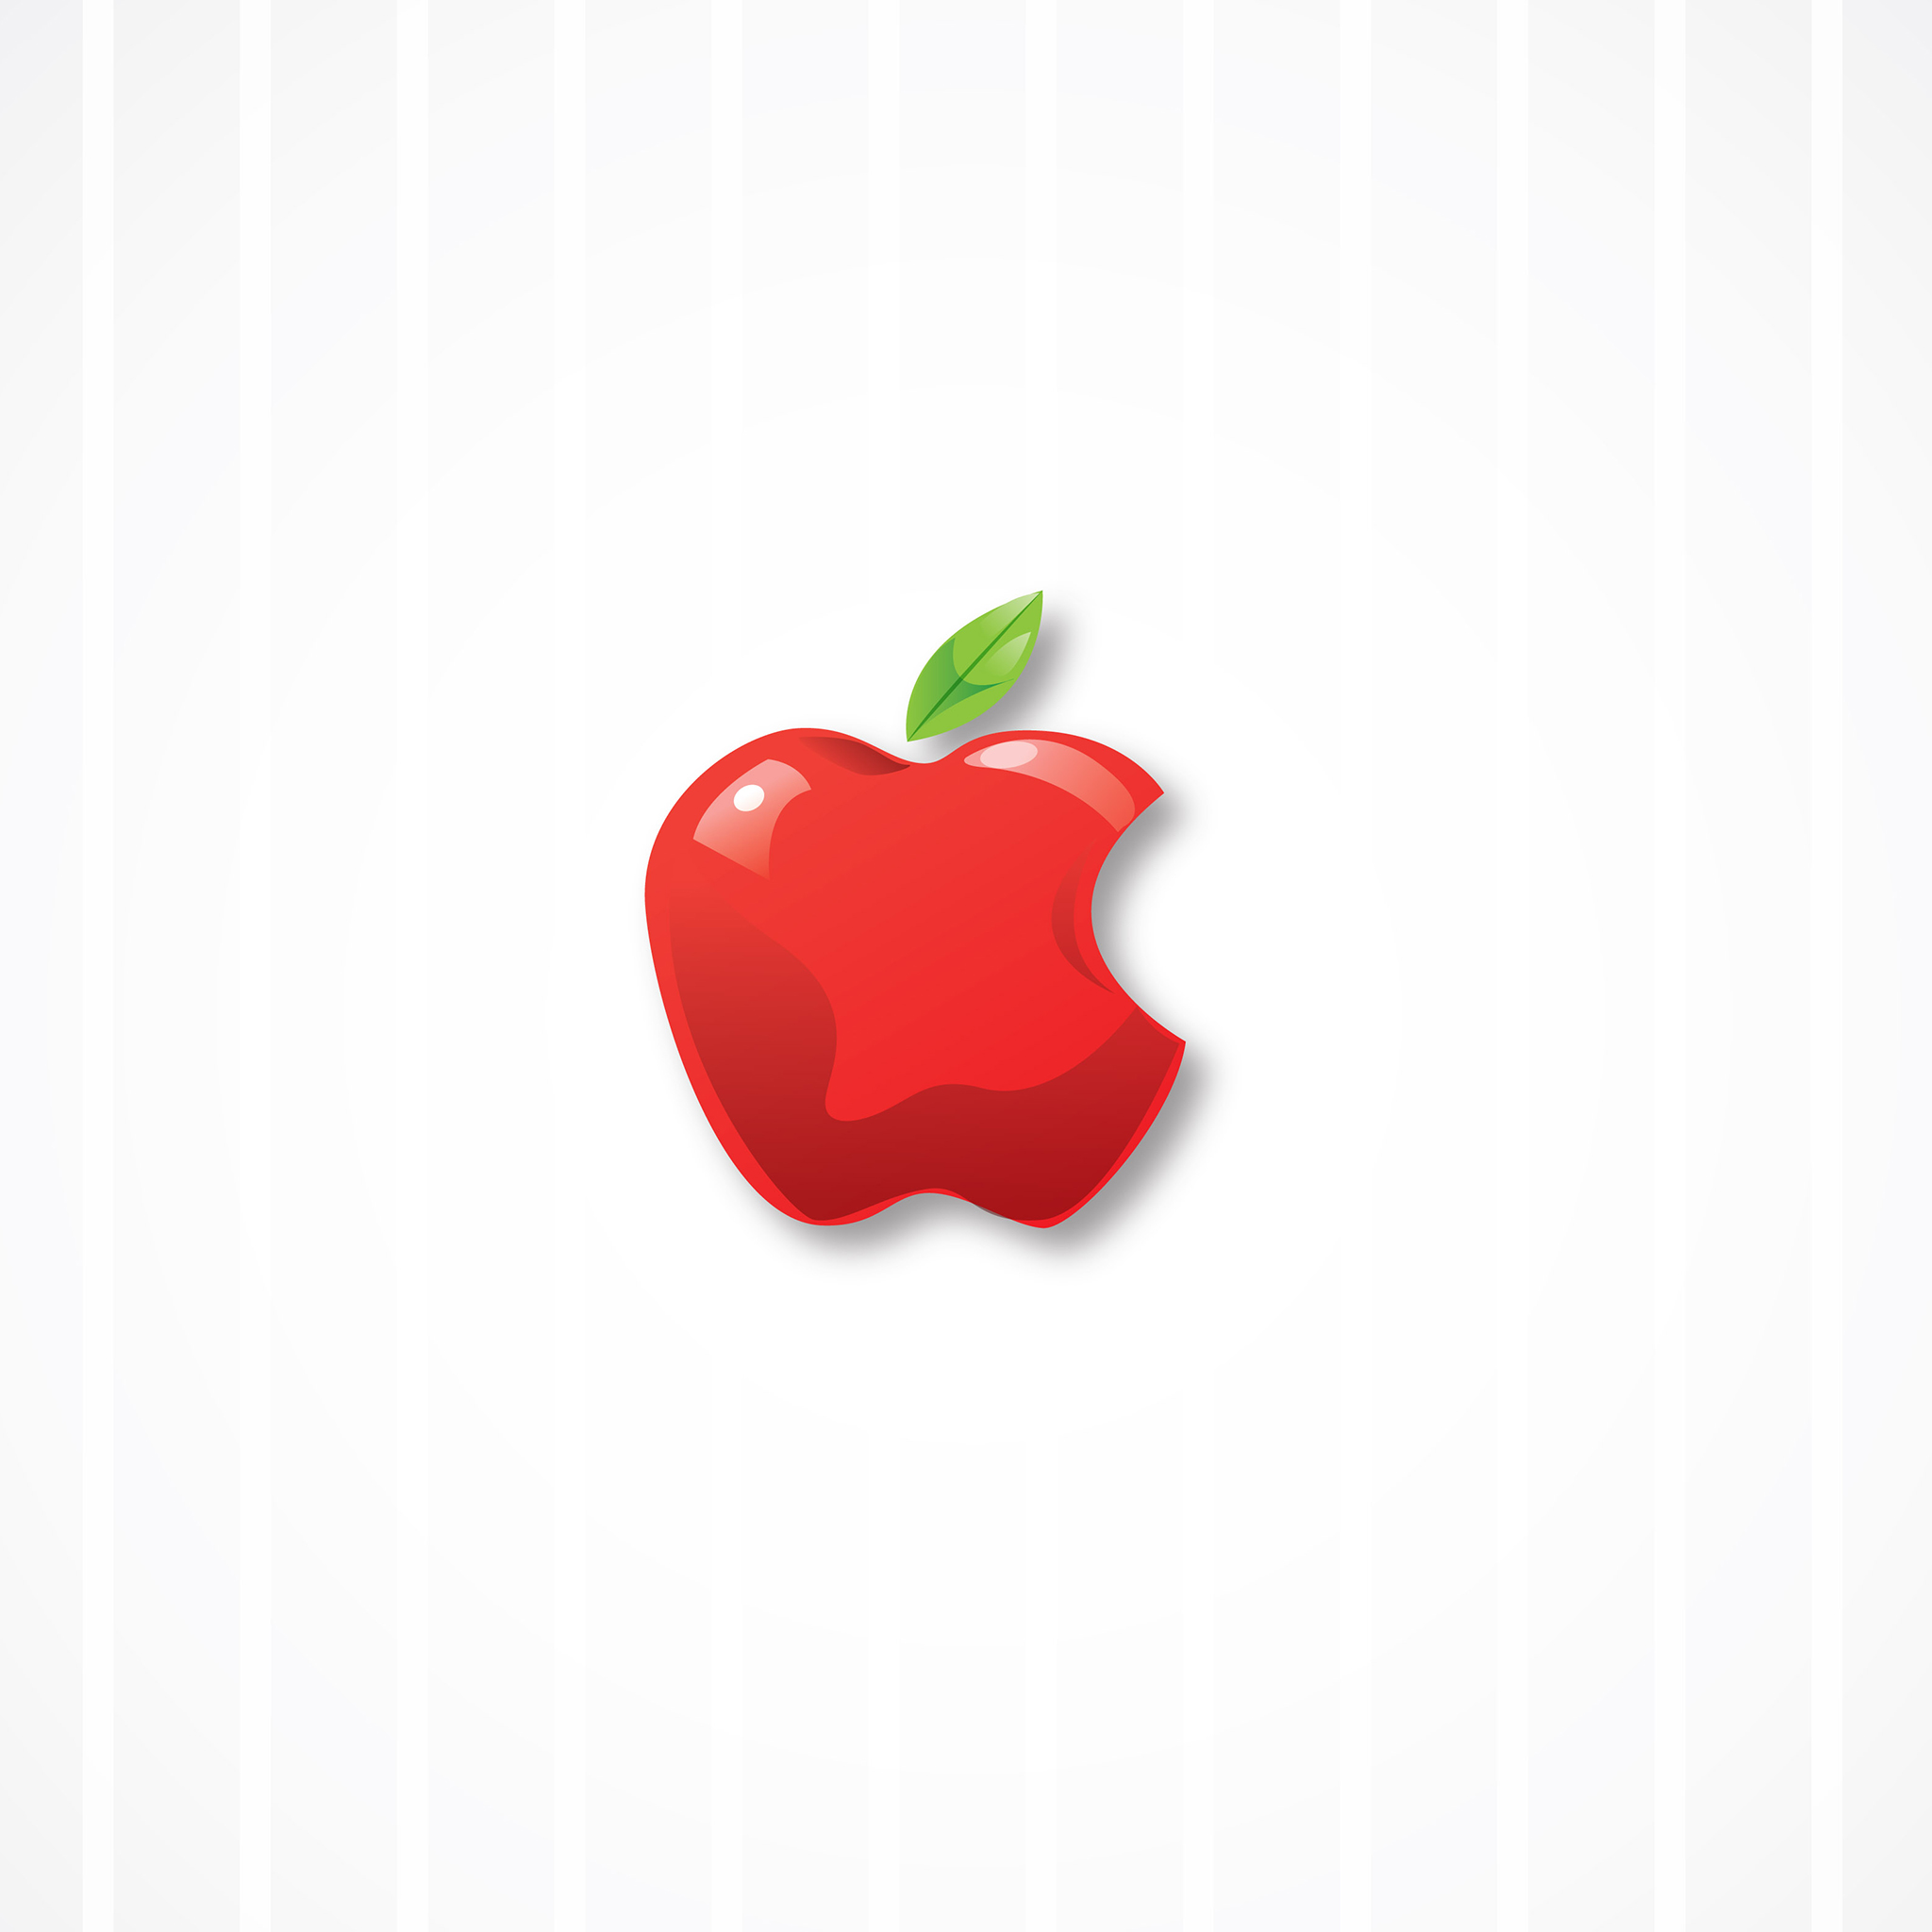 White Mac Apple 3Wallpapers iPad Retina White Mac Apple   iPad Retina